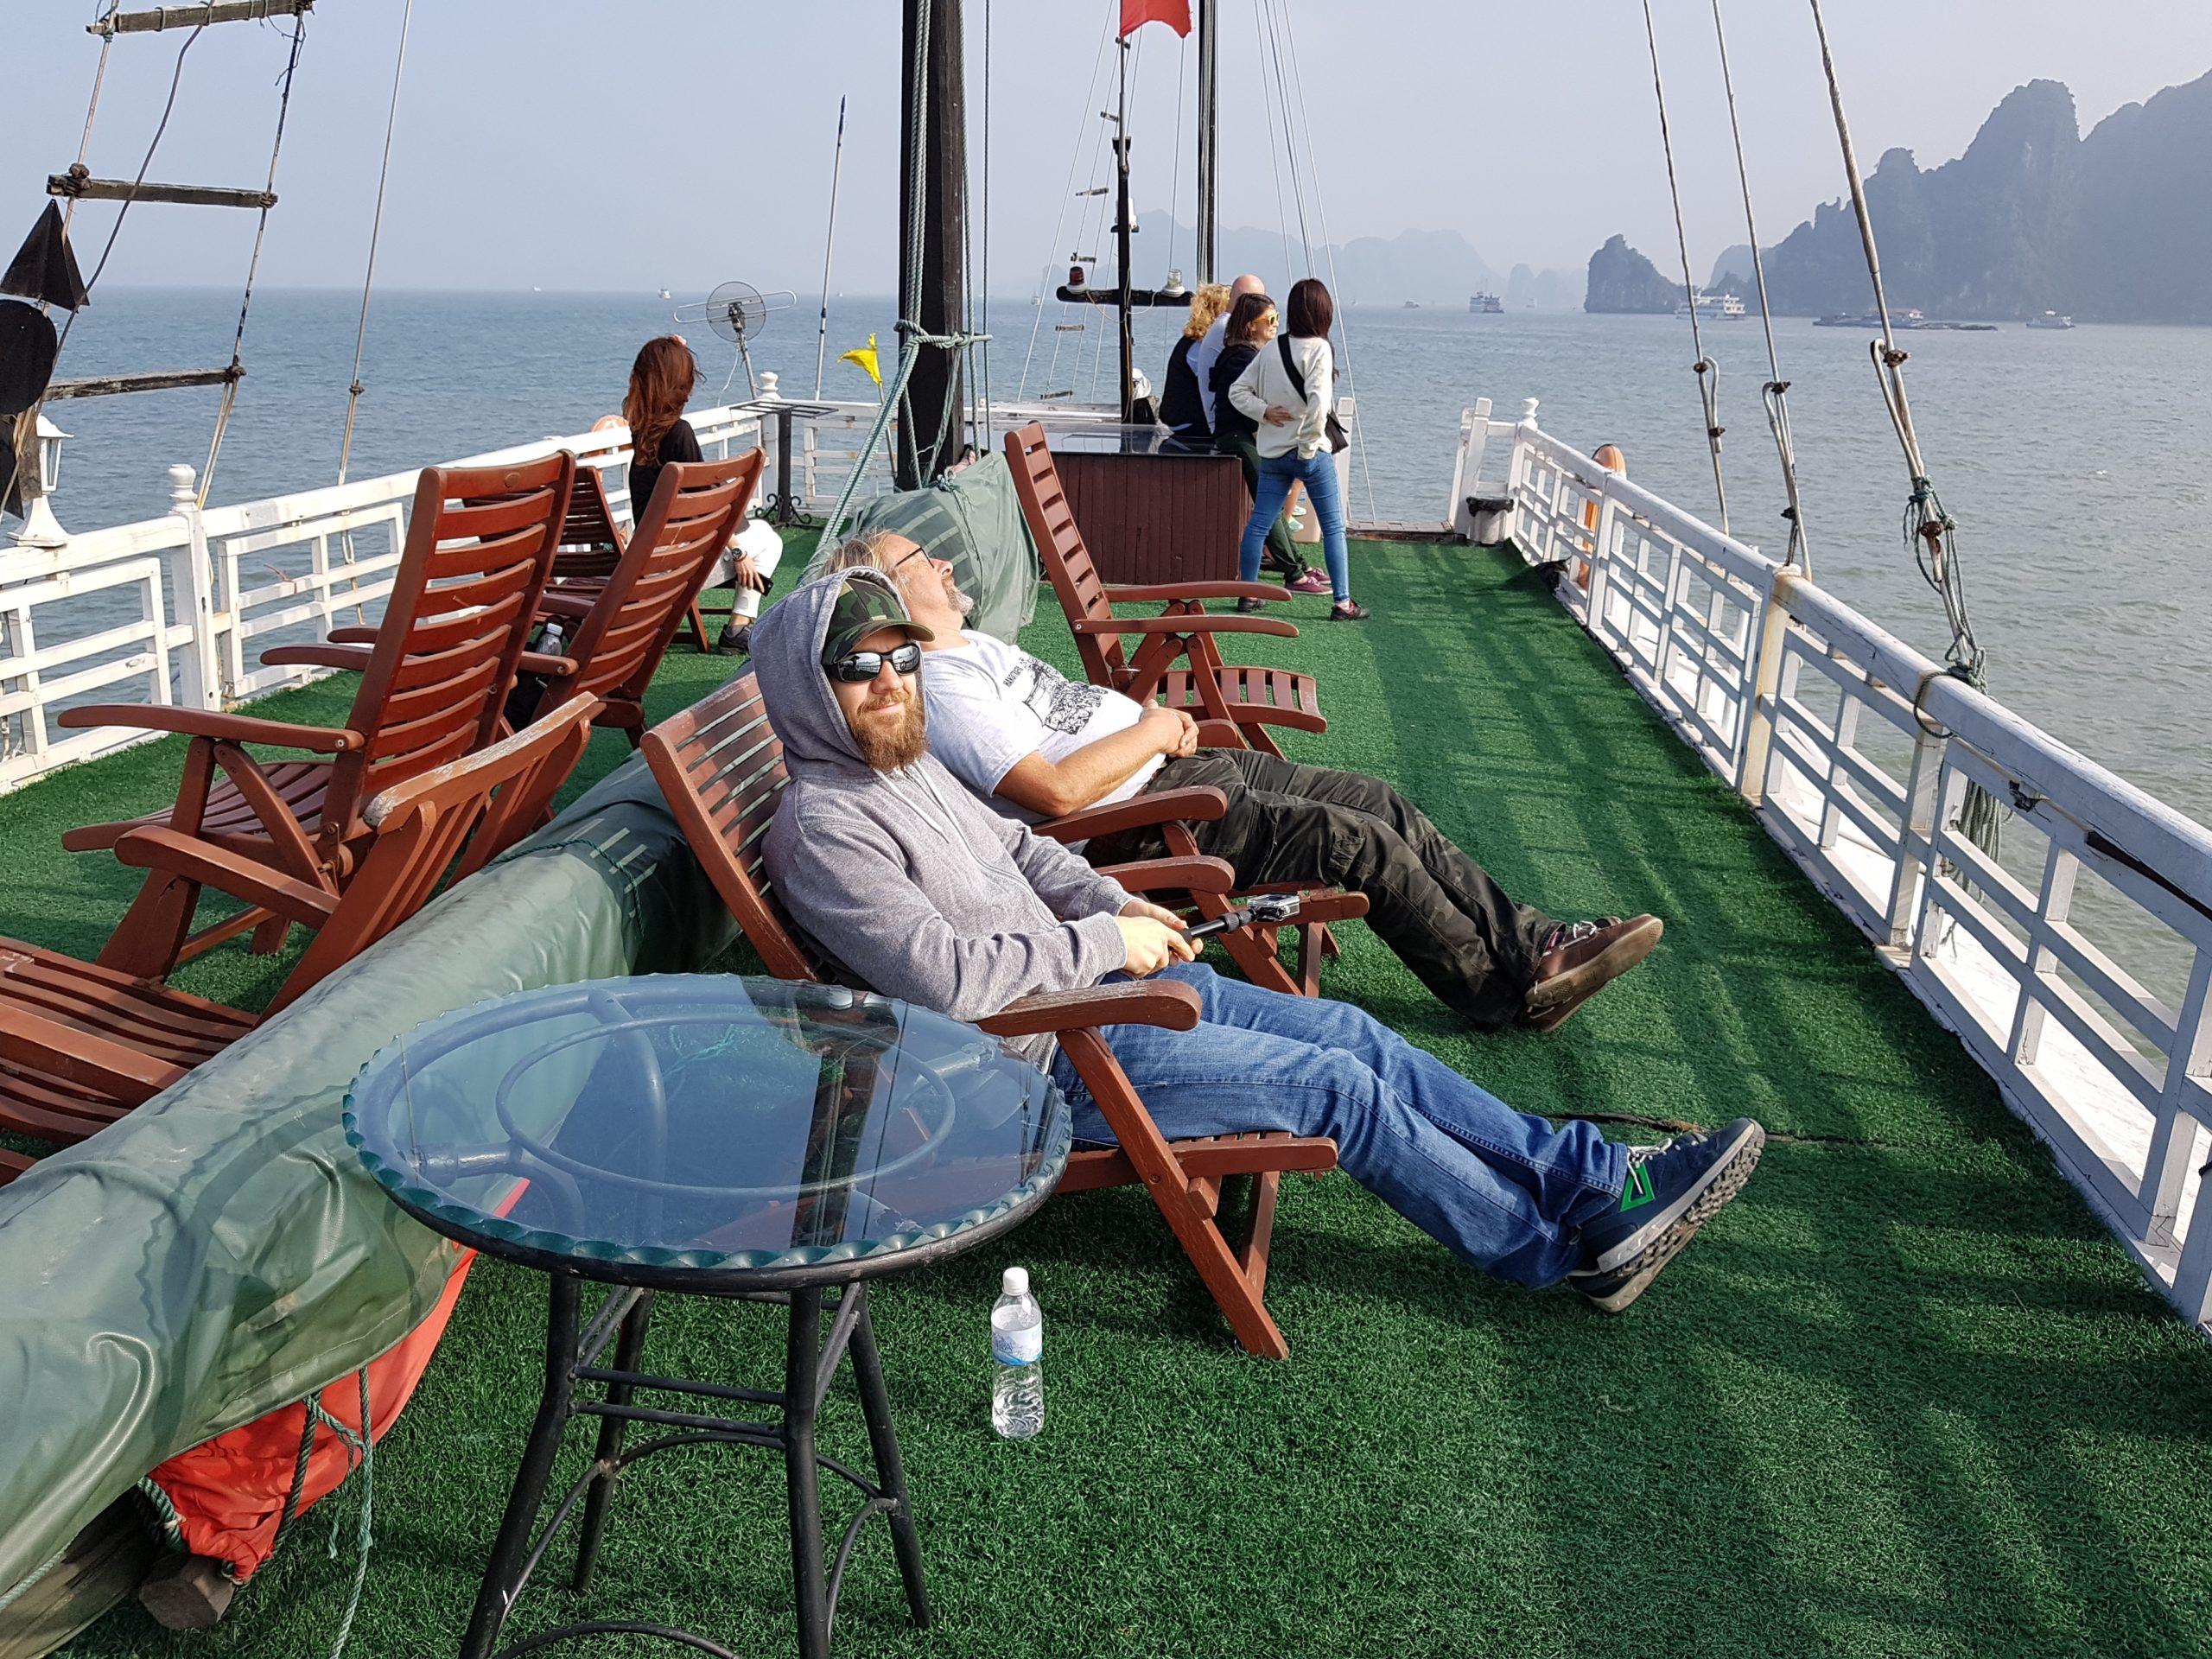 Am windigen Sonnendeck auf unserem Boot in der Ha-Long-Bay in Vietnam